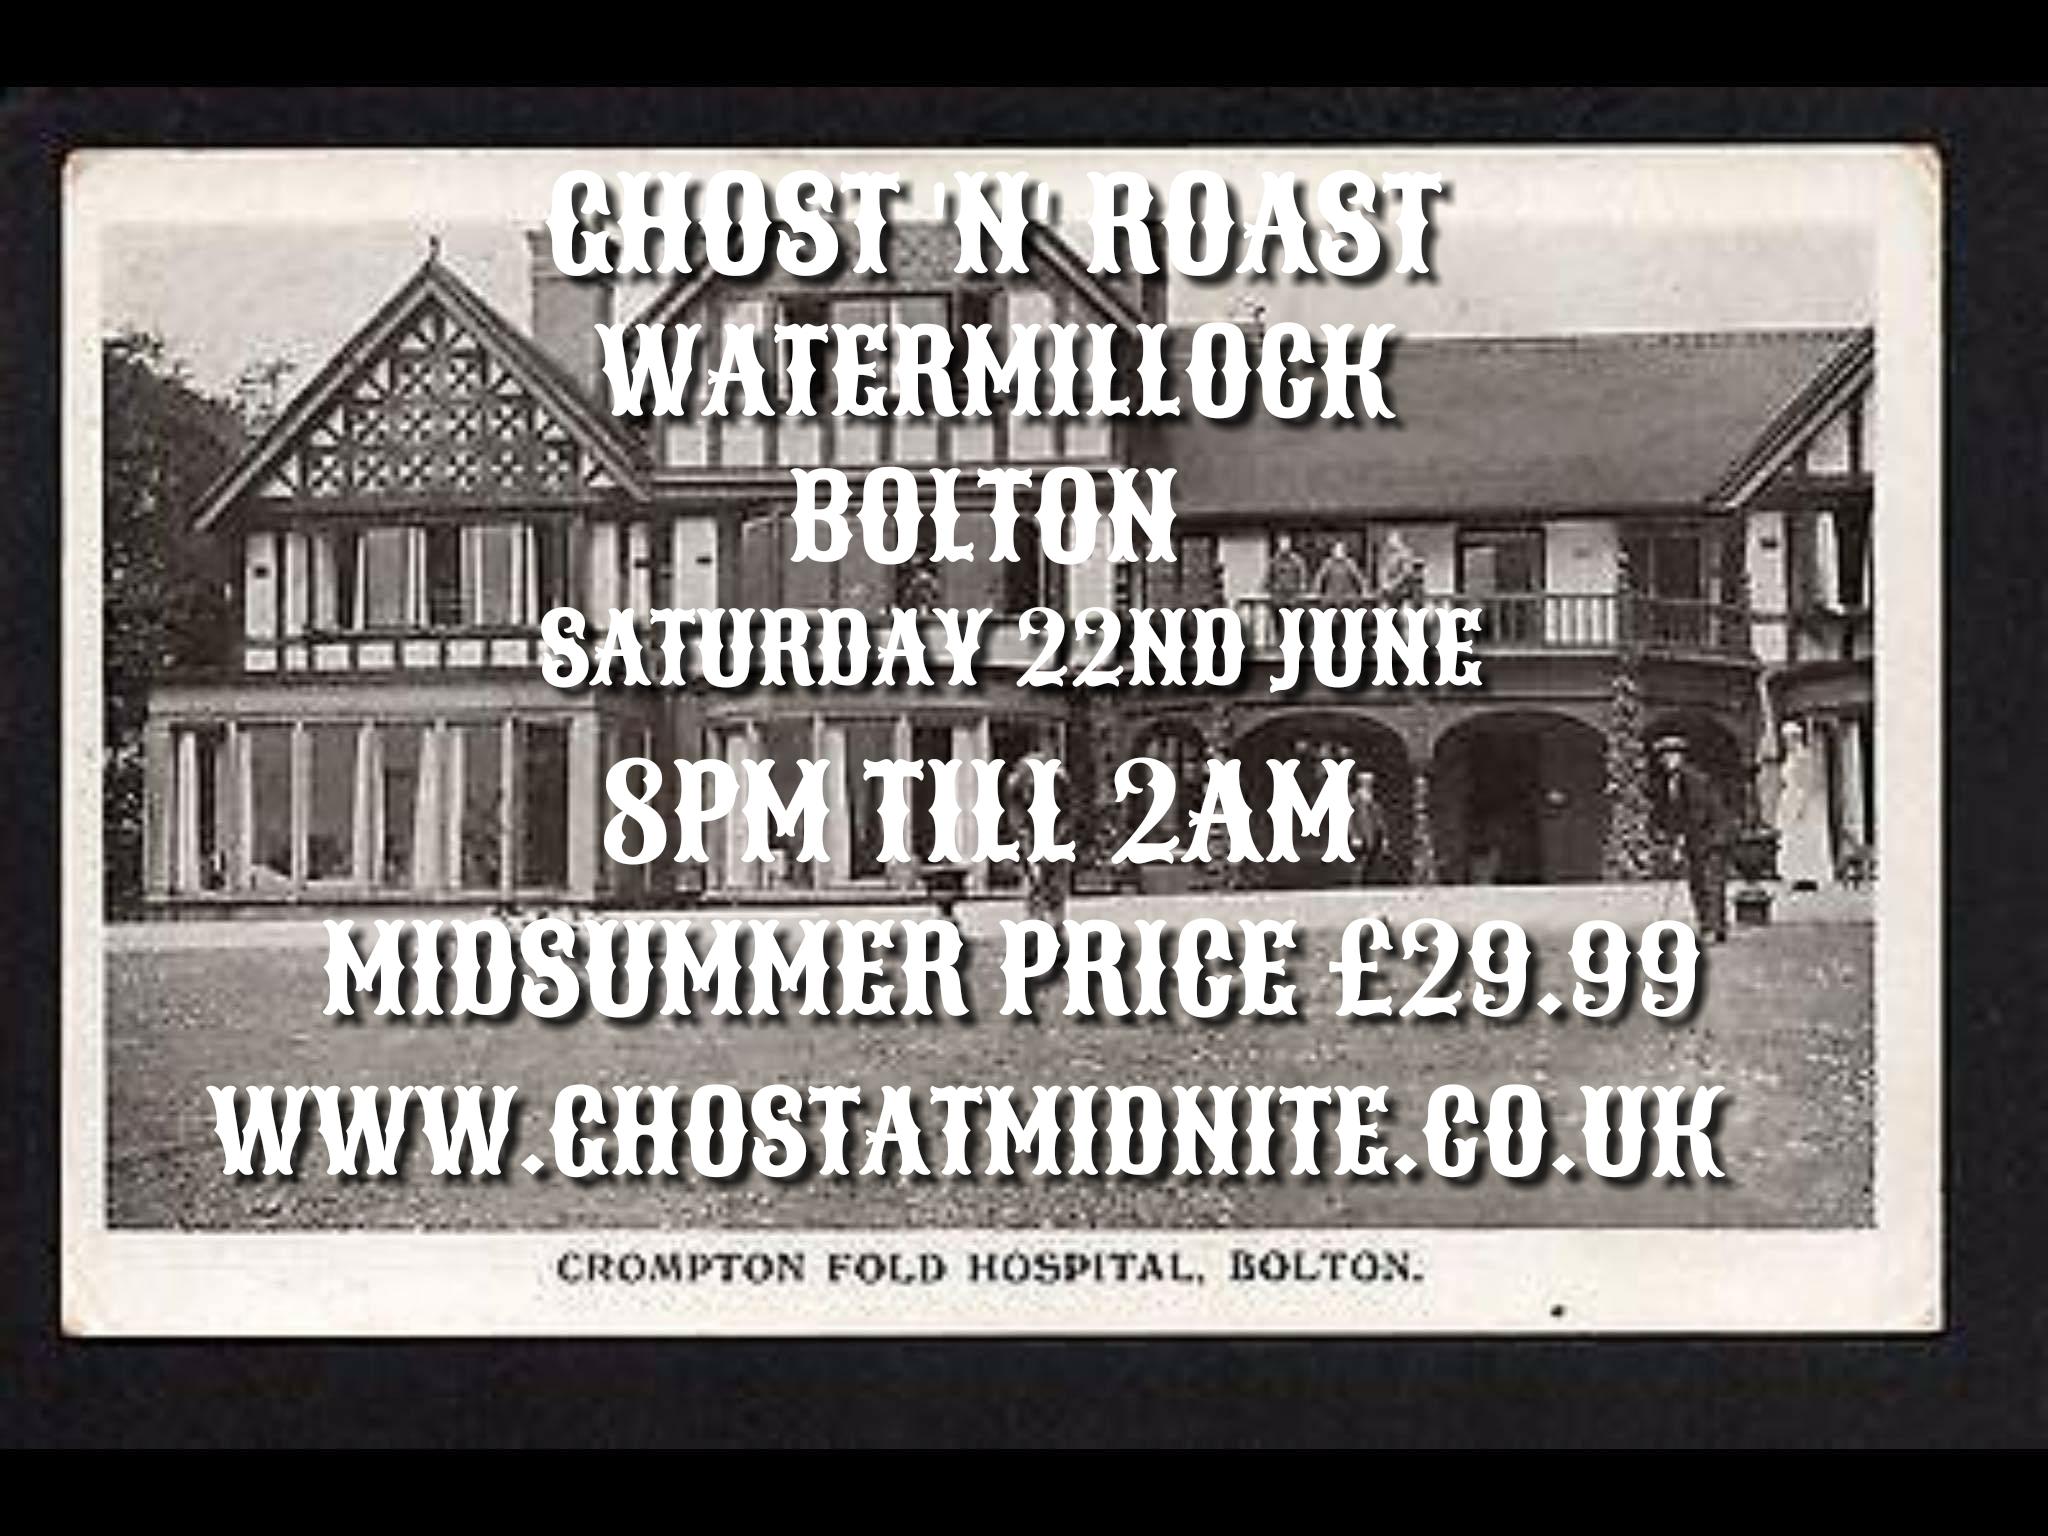 ROAST 'N' GHOST WATERMILLOCK, BOLTON, SATURDAY 22ND JUNE ,PRICE £29.99